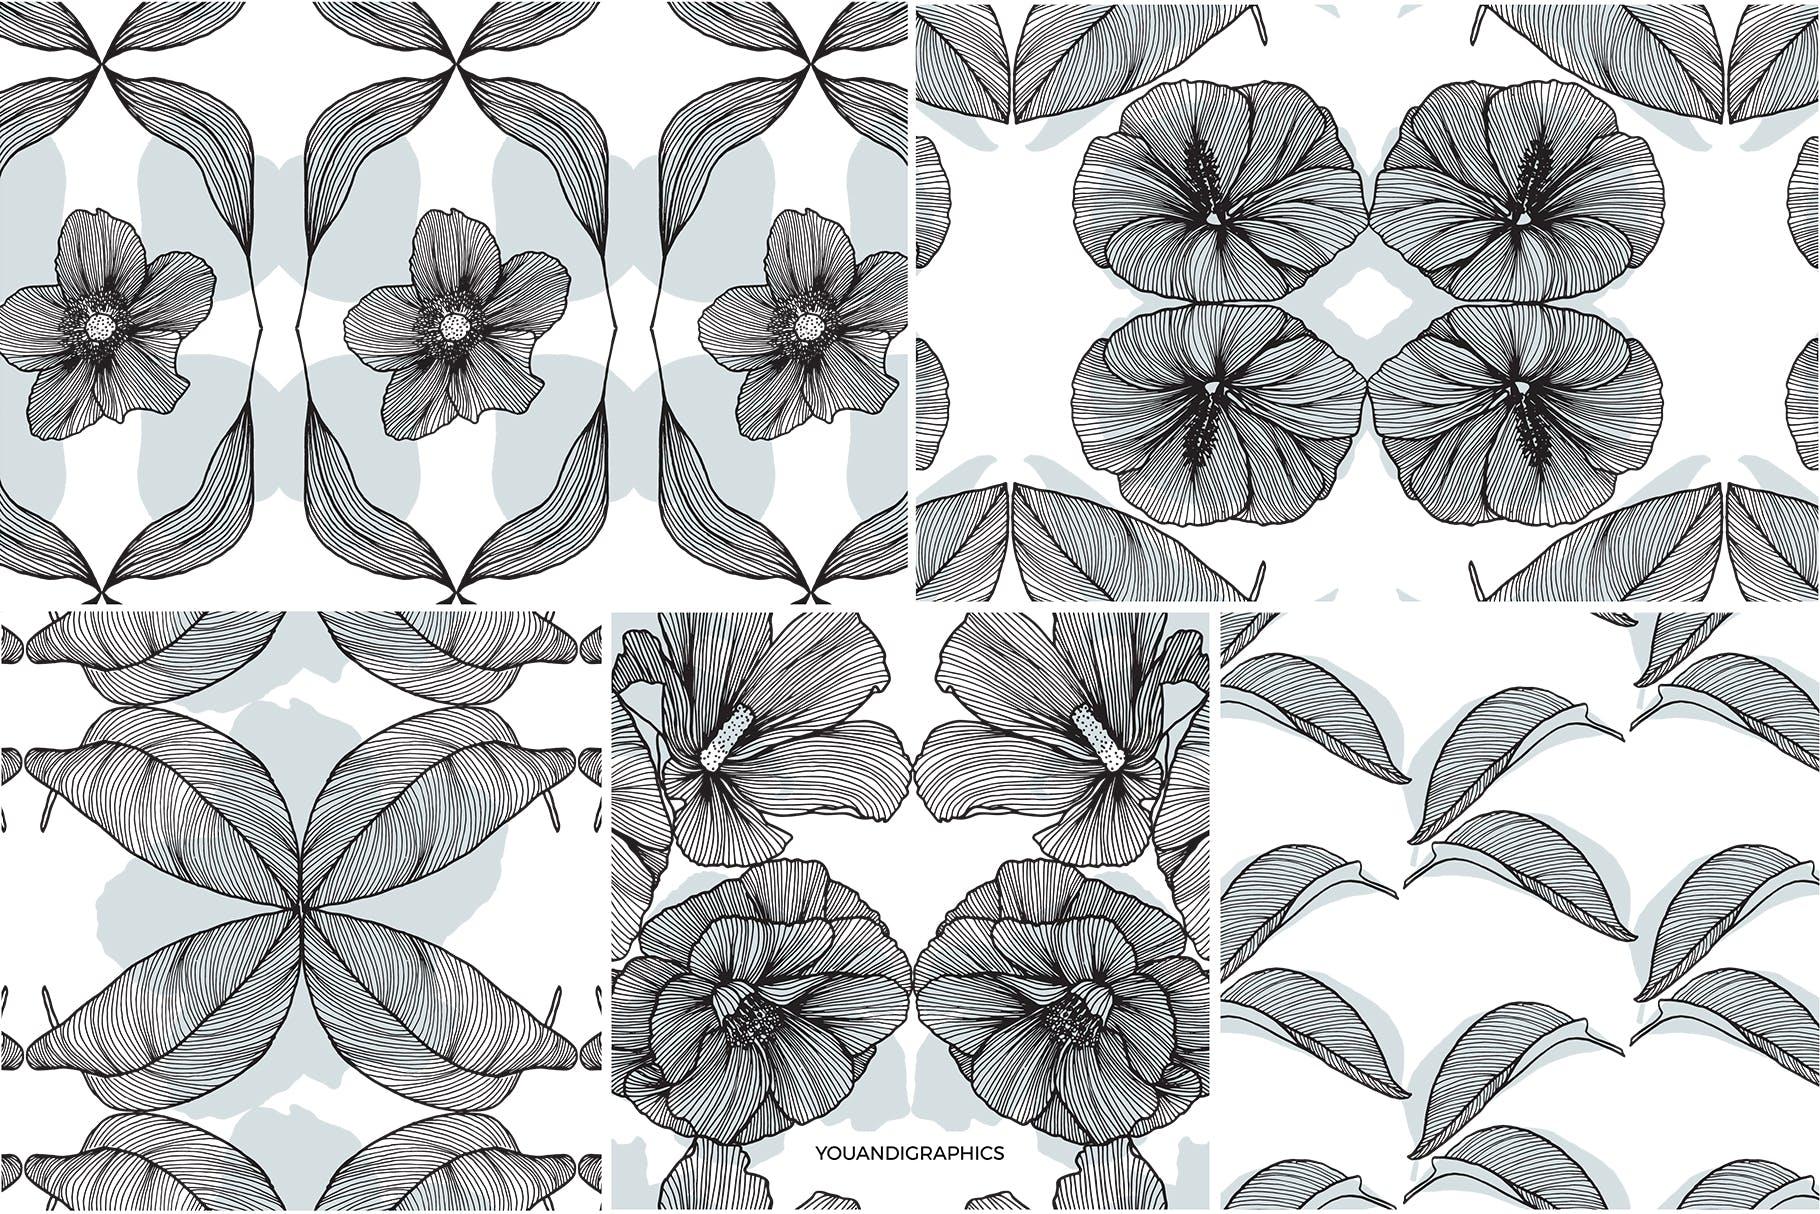 线条艺术花卉矢量图案元素Lineart Floral Patterns Elements插图(14)